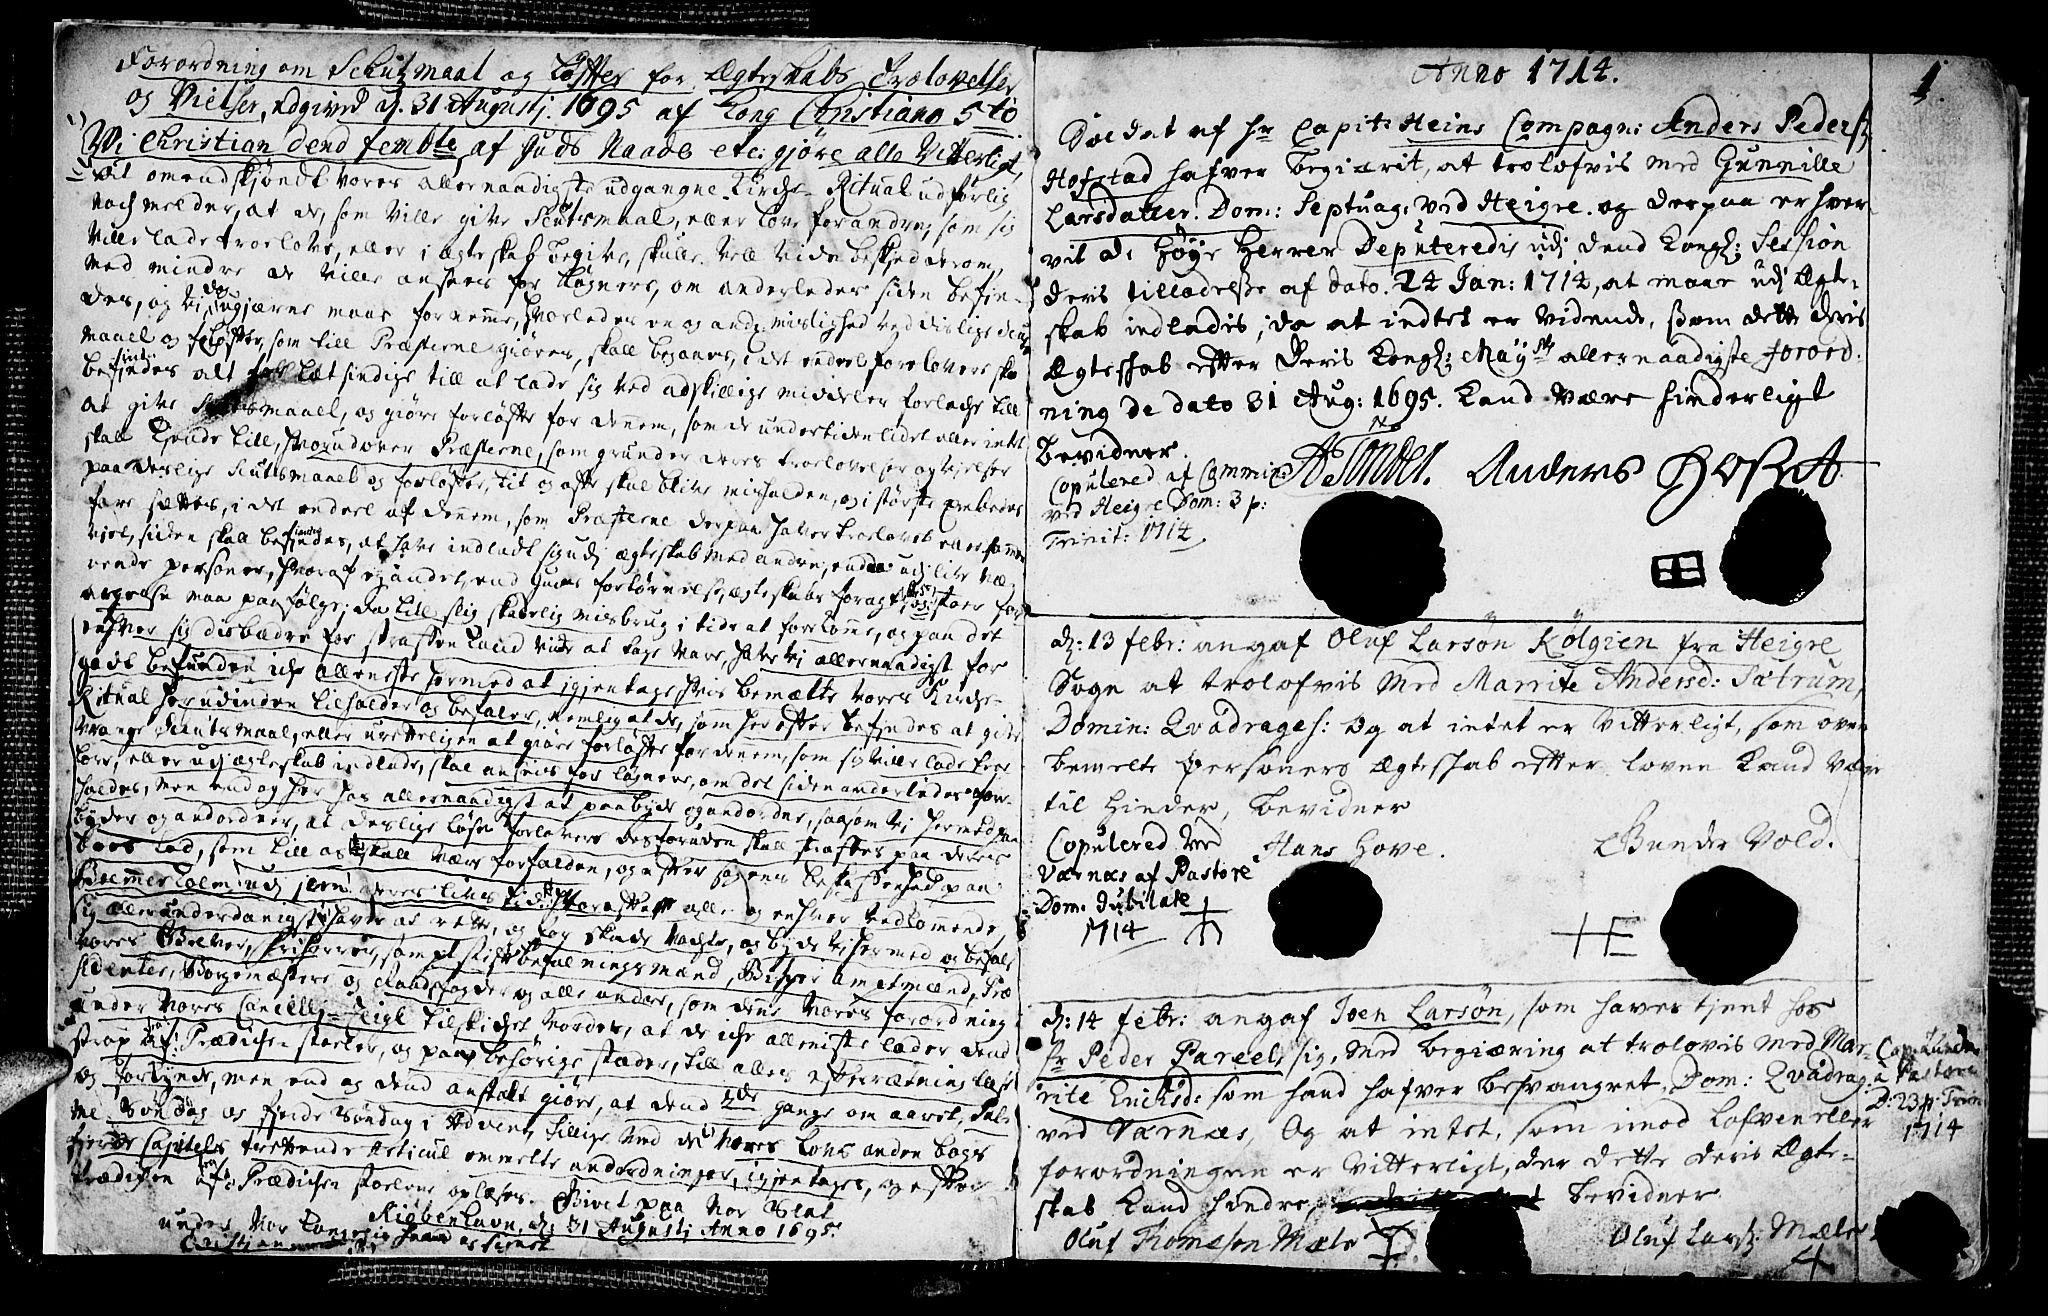 SAT, Ministerialprotokoller, klokkerbøker og fødselsregistre - Nord-Trøndelag, 709/L0053: Ministerialbok nr. 709A01, 1714-1729, s. 1